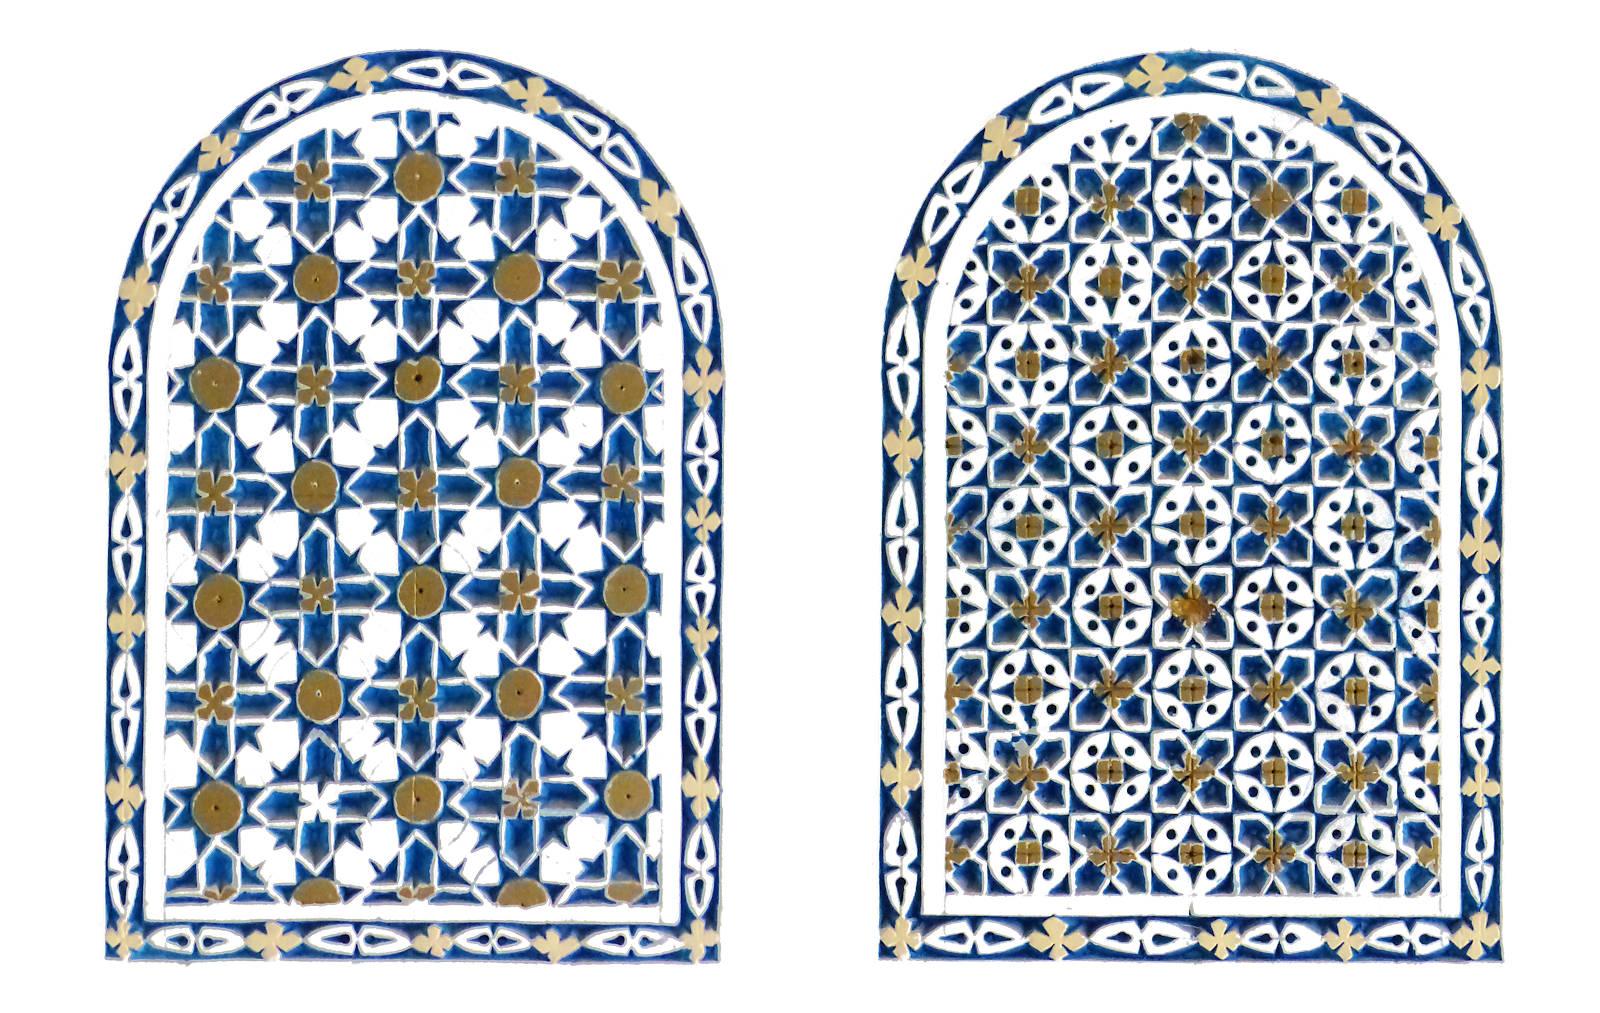 Mosquée Assalam Tourcoing France - Motifs décoratifs